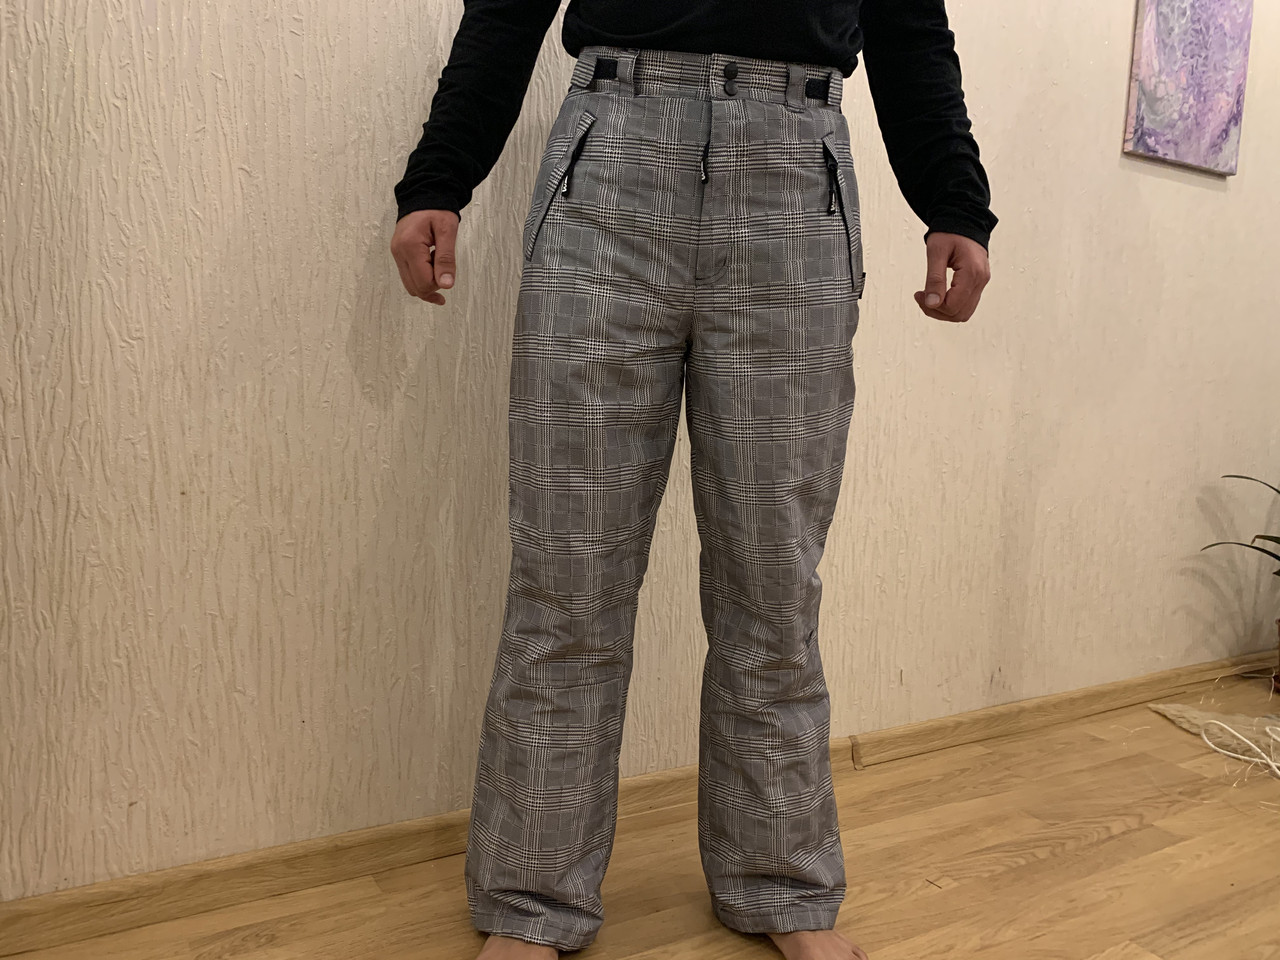 Сноуборд штаны в клетку горнолыжные тёплые штаны Thinsulate